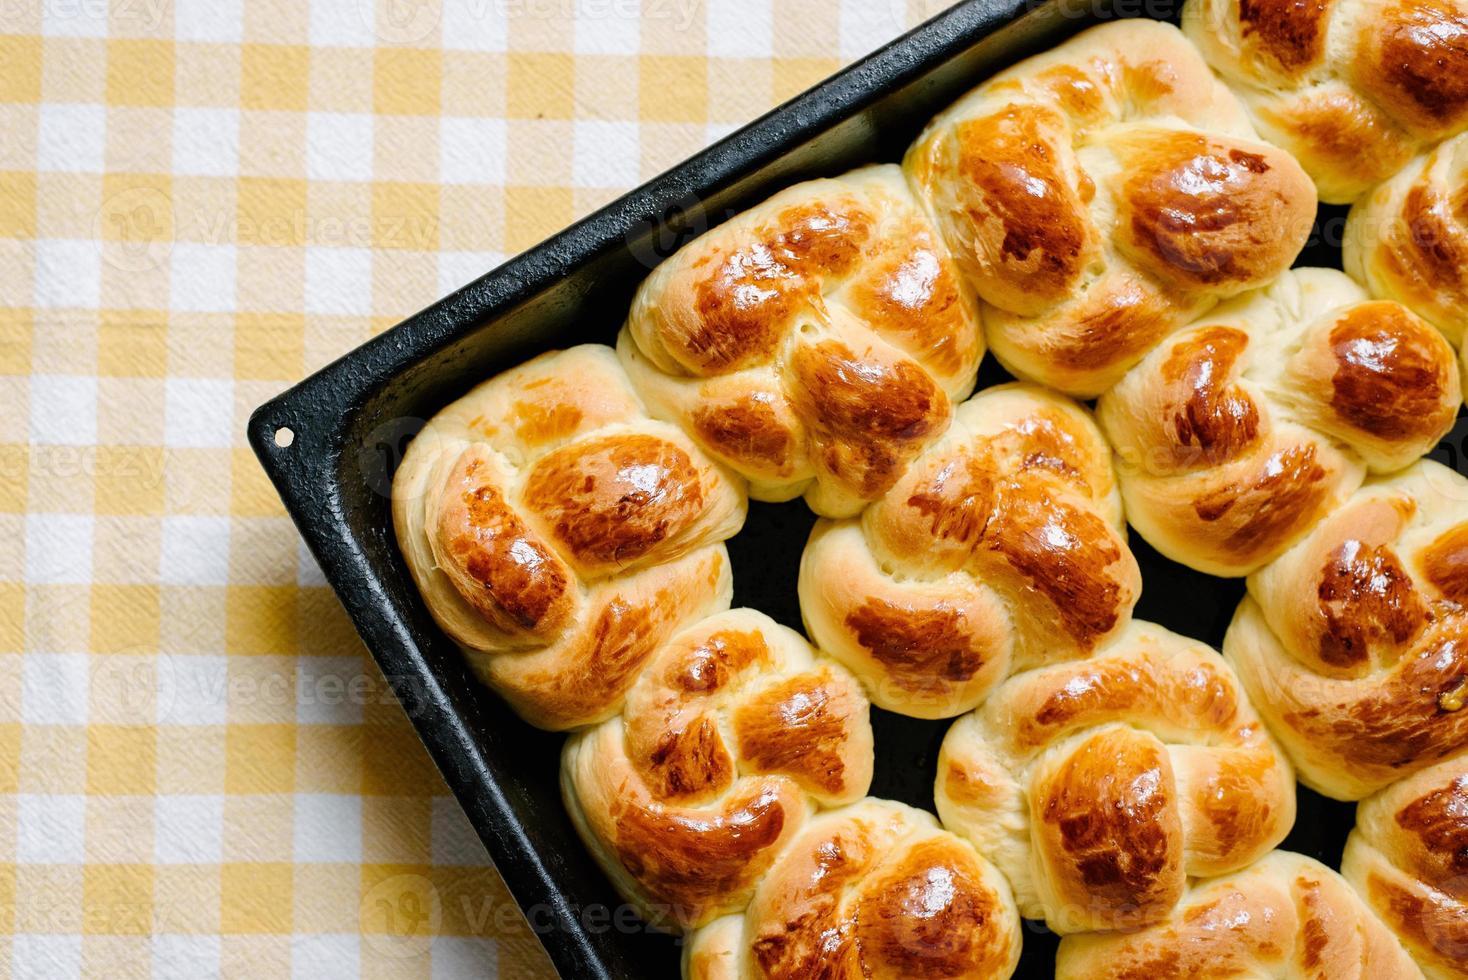 petits pains sucrés placés en diagonale sur une nappe photo